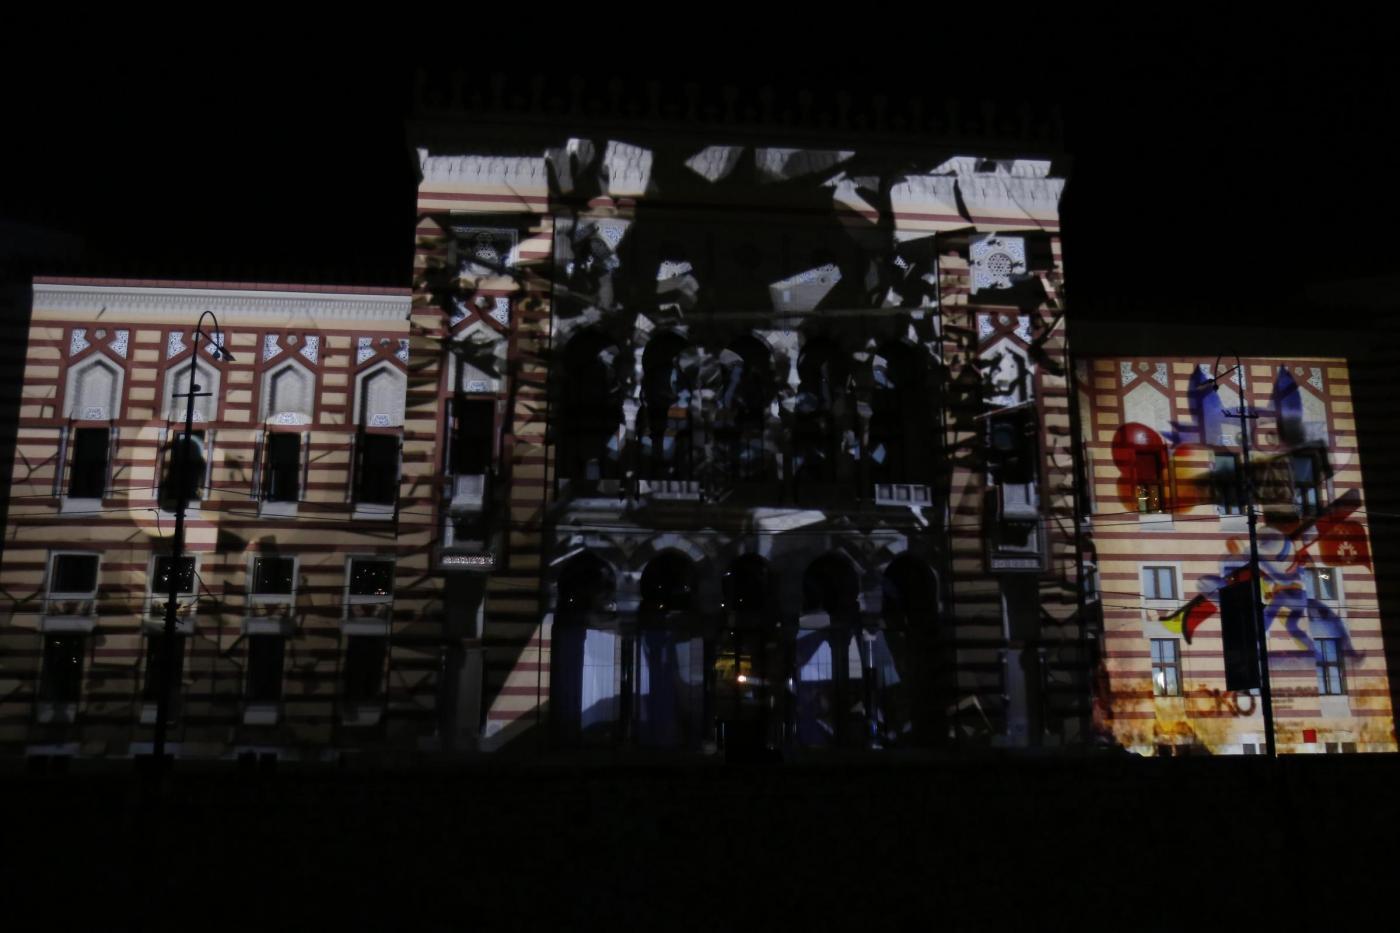 Riaperta la biblioteca di Sarajevo distrutta da un incendio nel 1992